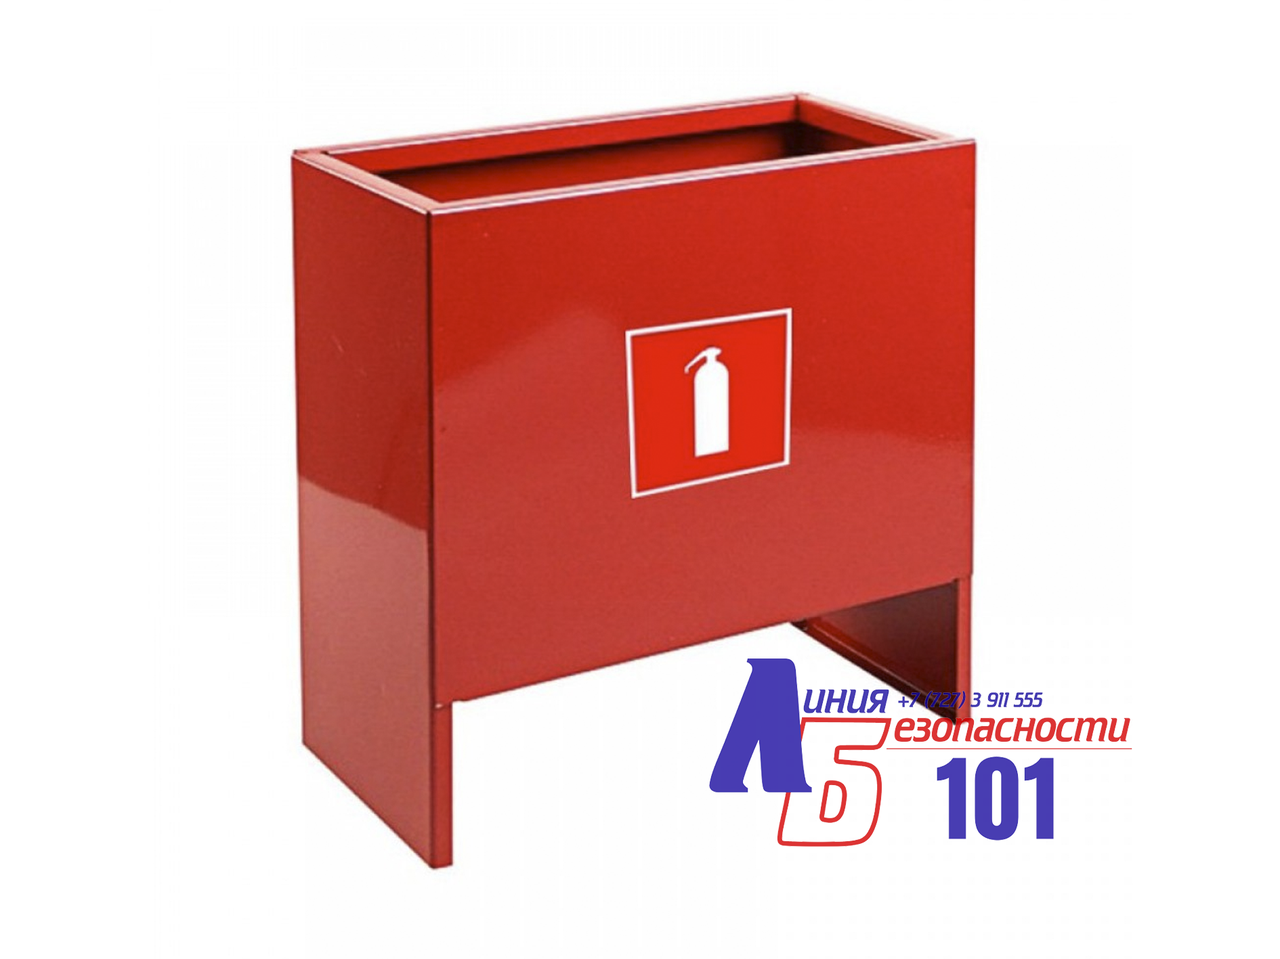 Подставка для двух огнетушителей IRON ПО-10-2